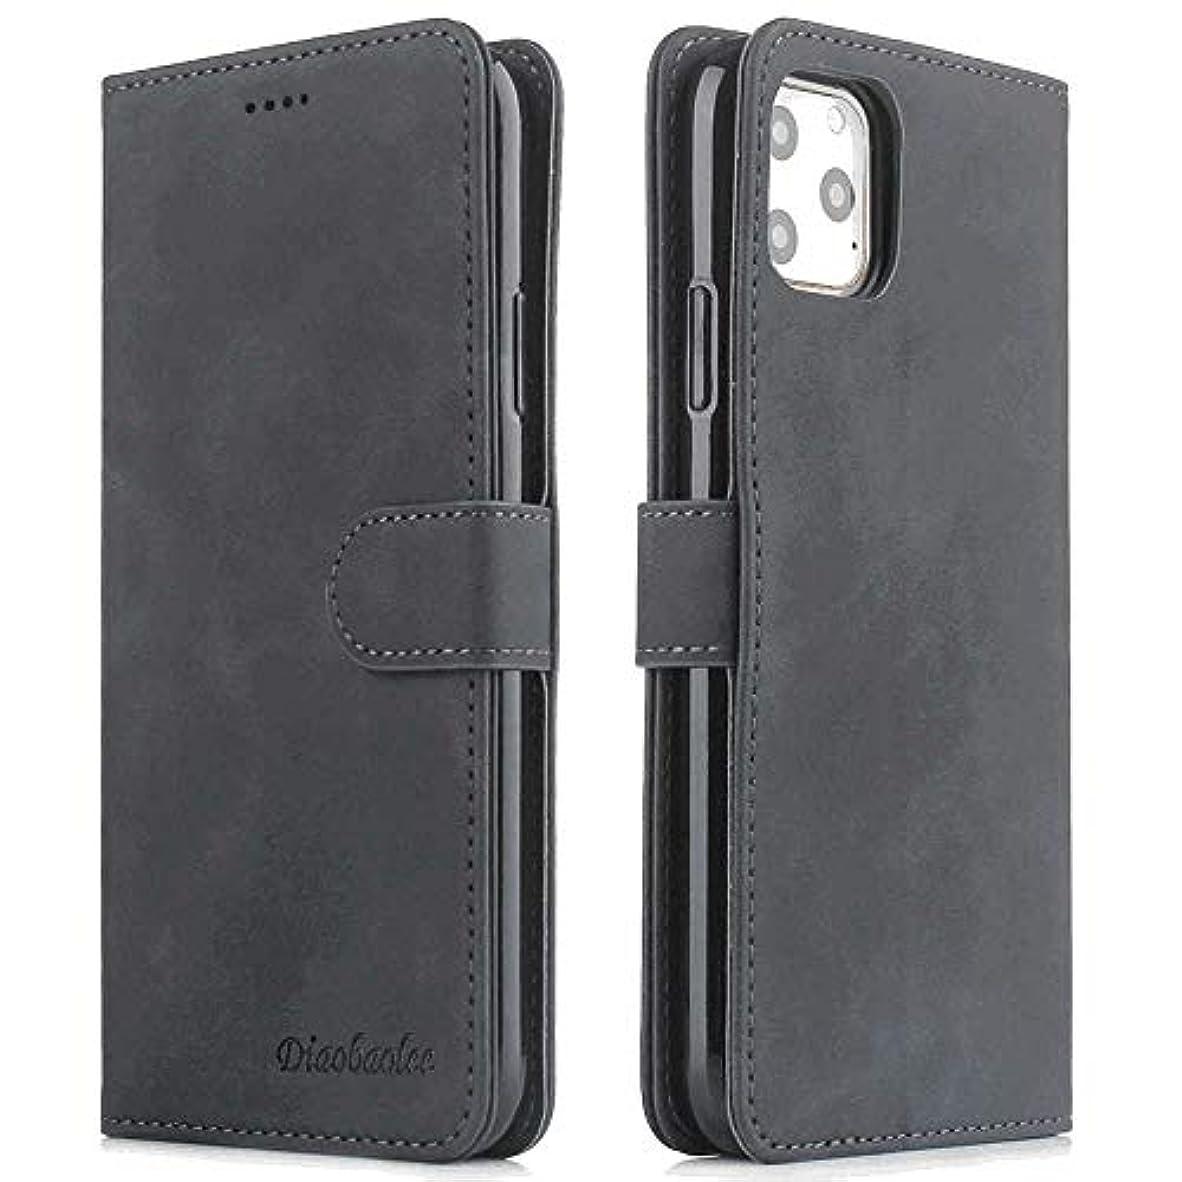 安全な発生する軍艦PUレザー ケース 手帳型ケース 対応 サムスン ギャラクシー Samsung Galaxy ノート Note 10 本革 カバー収納 手帳型 財布